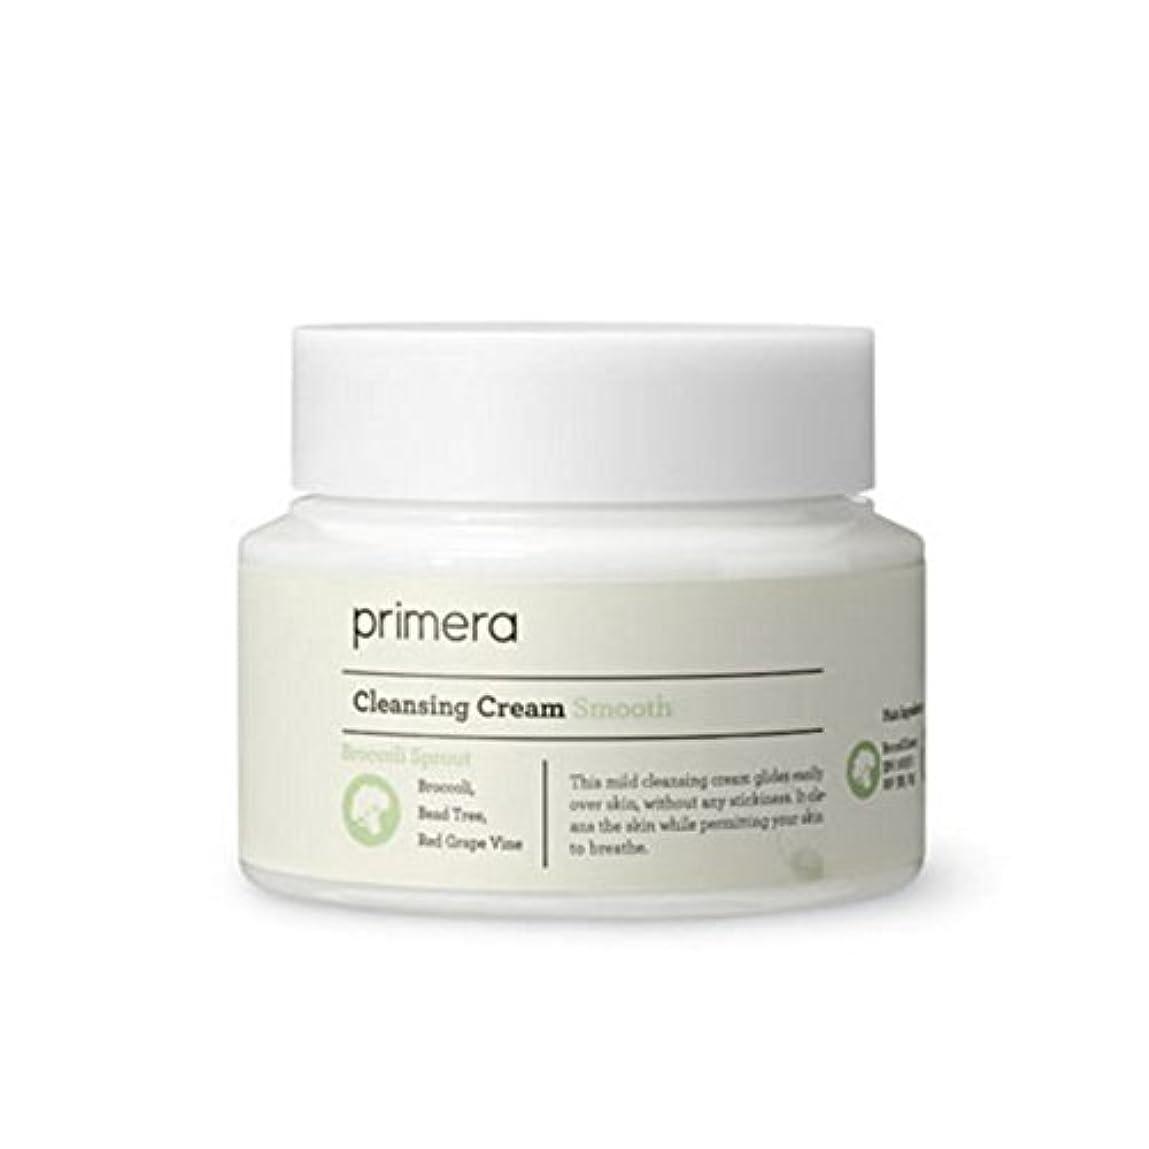 ハウス火傷寓話【プリメーラ】 PRIMERA Smooth Cleansing Cream スムース クレンジングクリーム 【韓国直送品】 OOPSPANDA